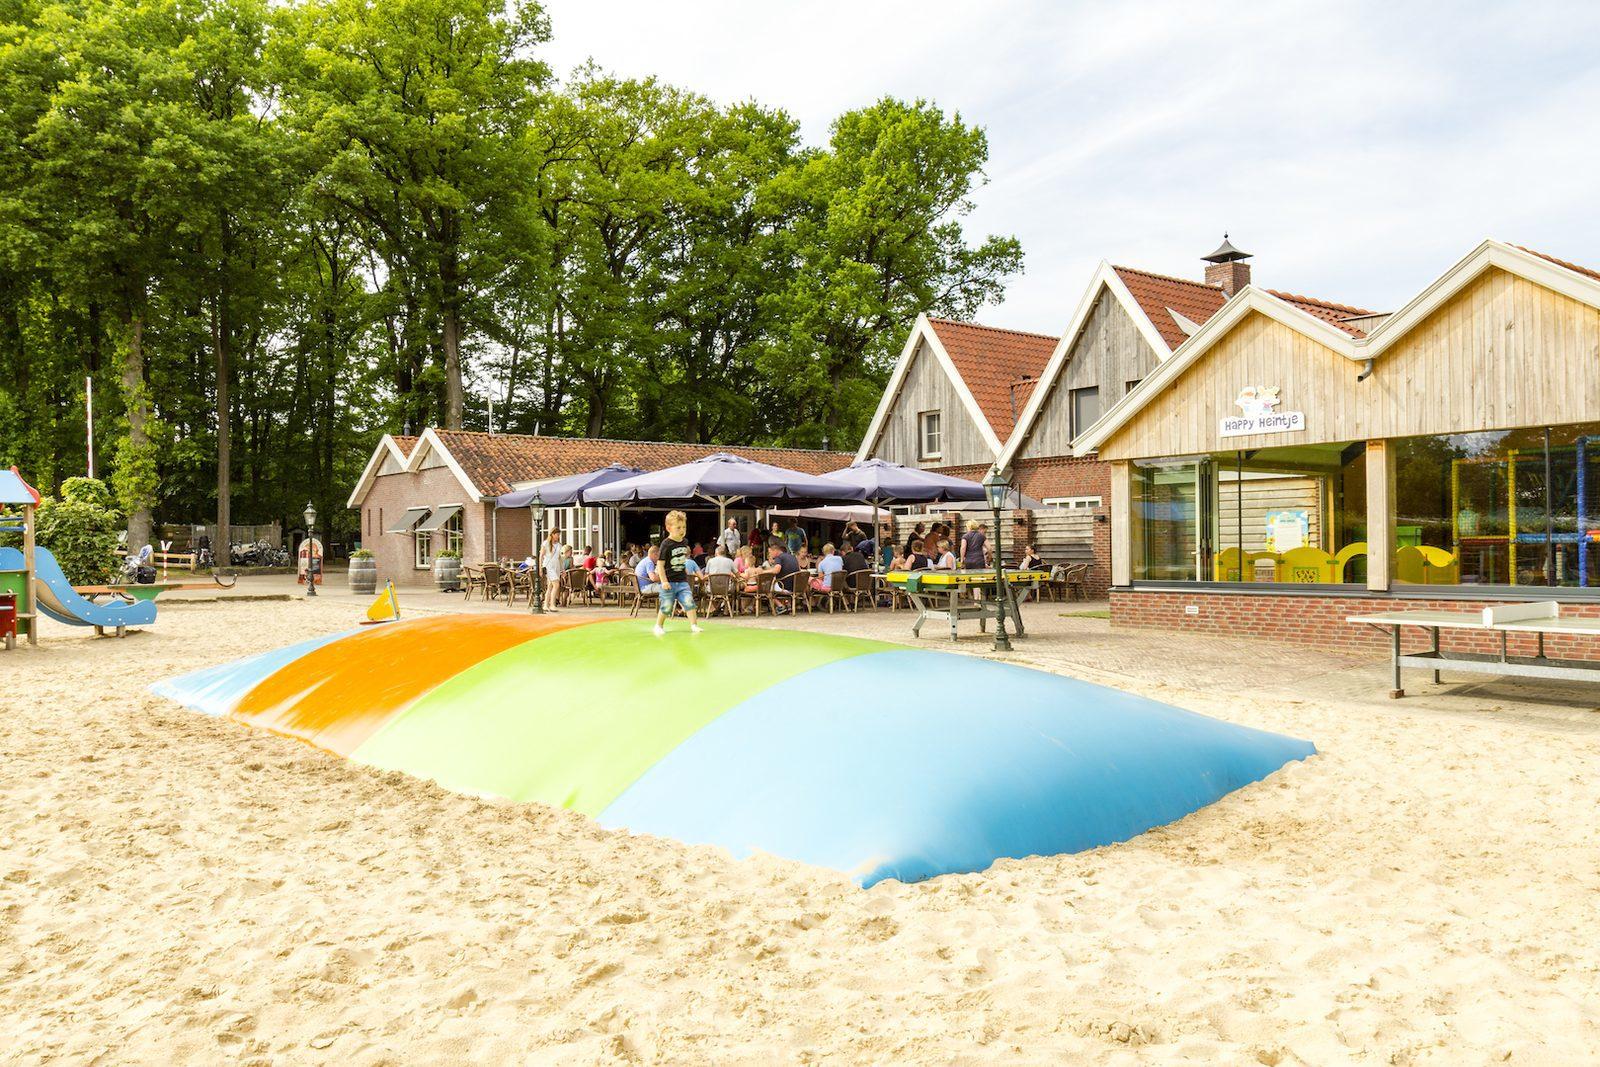 Kamperen op vakantiepark De Witte Berg in Ootmarsum